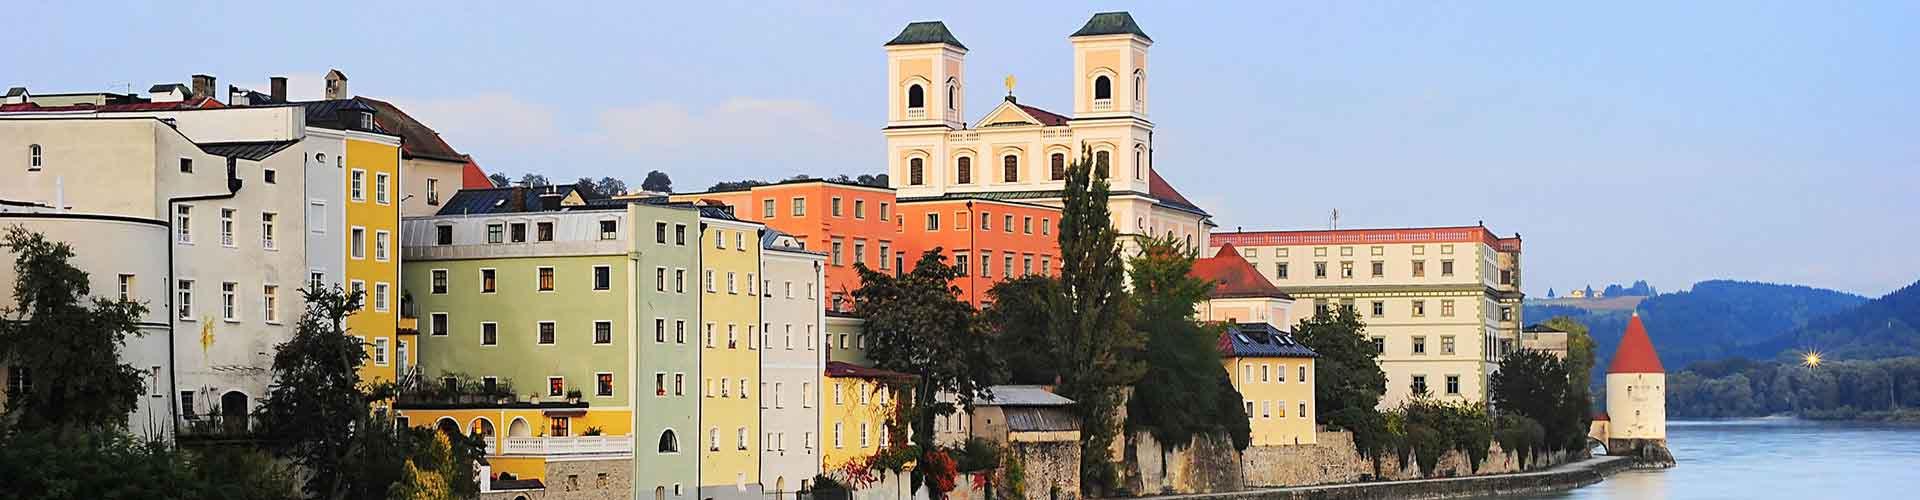 Regensburg - Hoteles baratos en Regensburg. Mapas de Regensburg, Fotos y Comentarios para cada alojamiento en Regensburg.